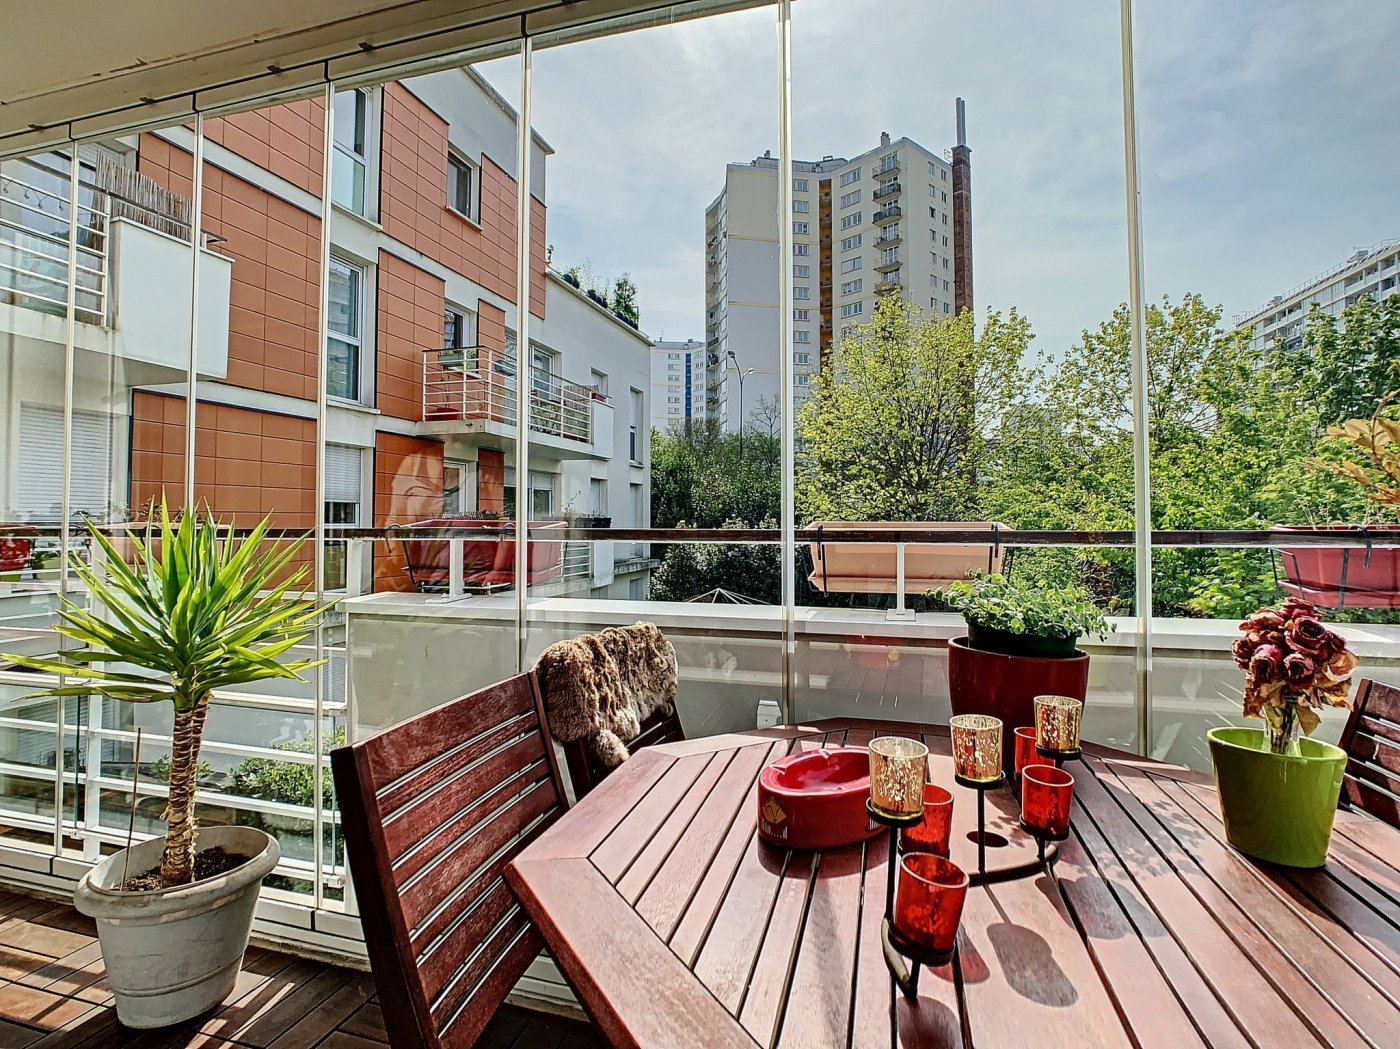 Immobilier à Ivry-sur-Seine : quelles agences solliciter ?